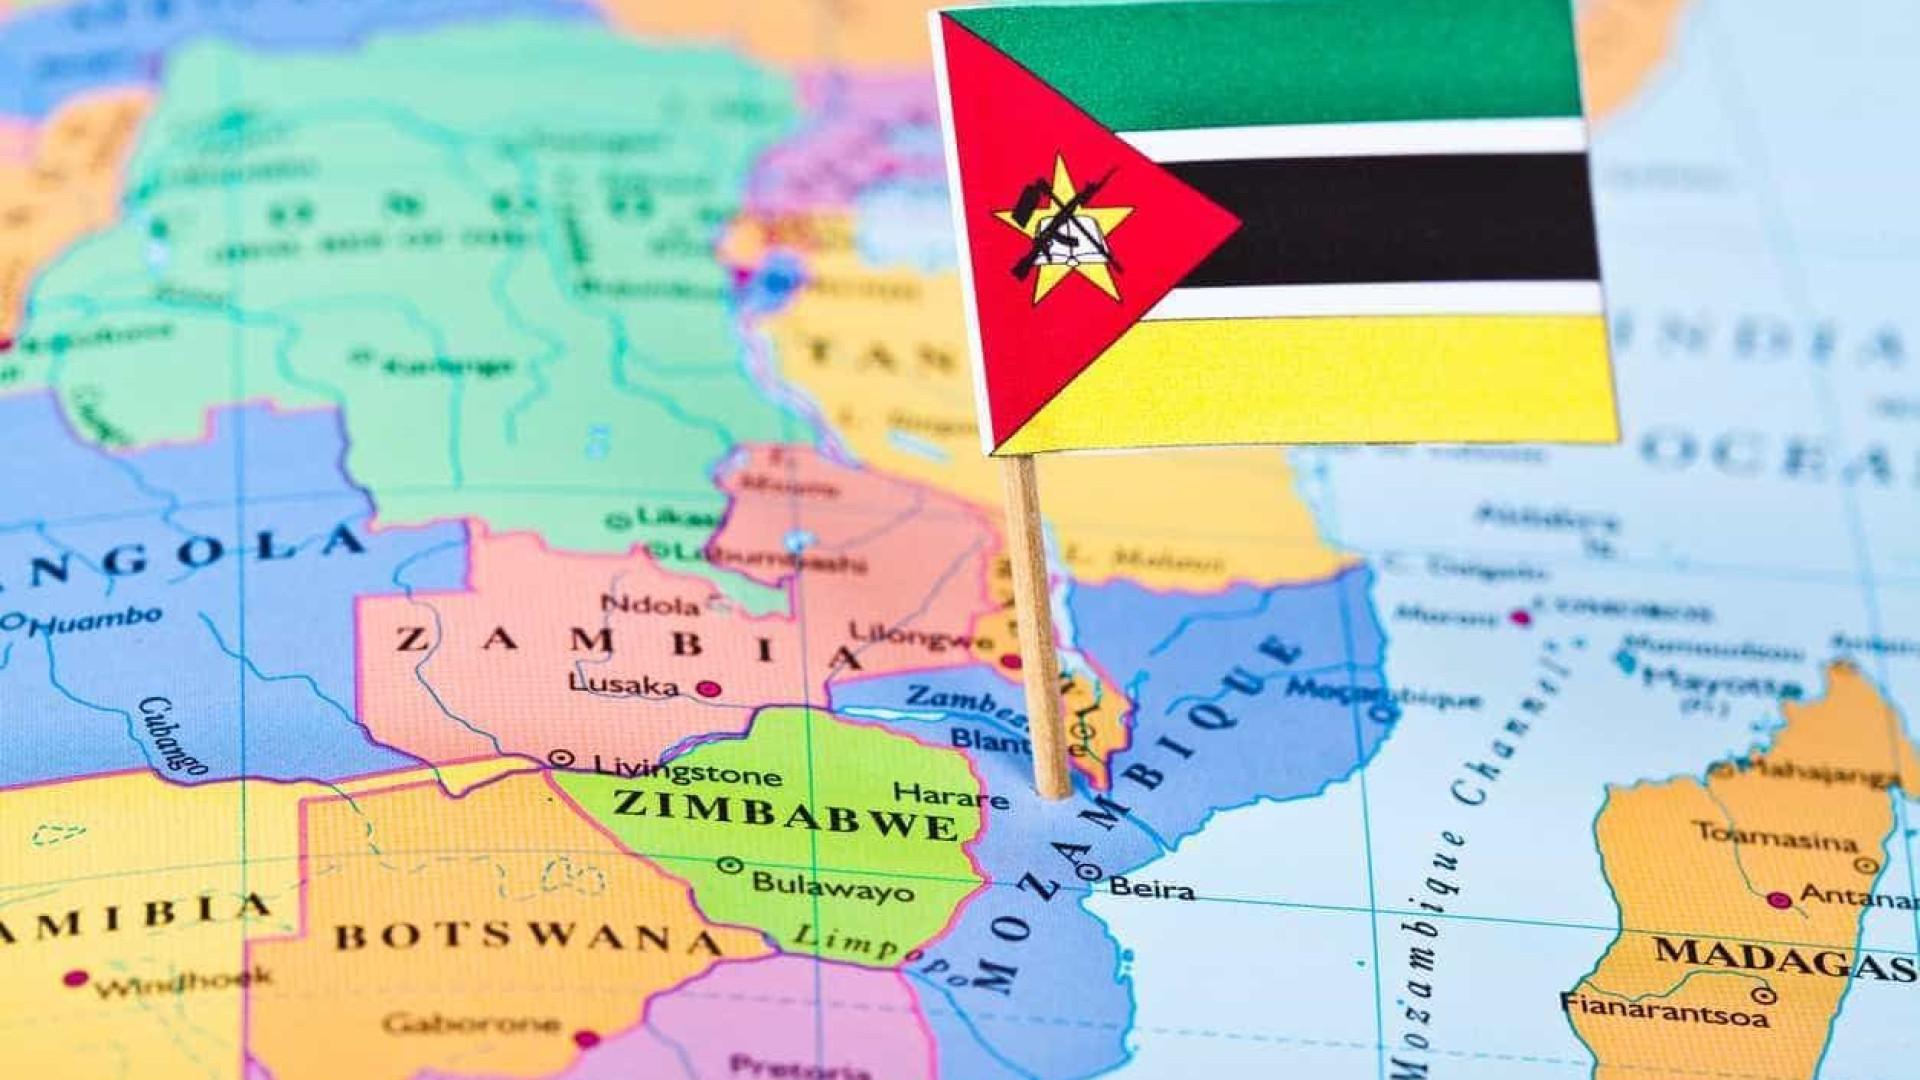 Importações caíram 37,5% em Moçambique em 2016, pior ano da crise